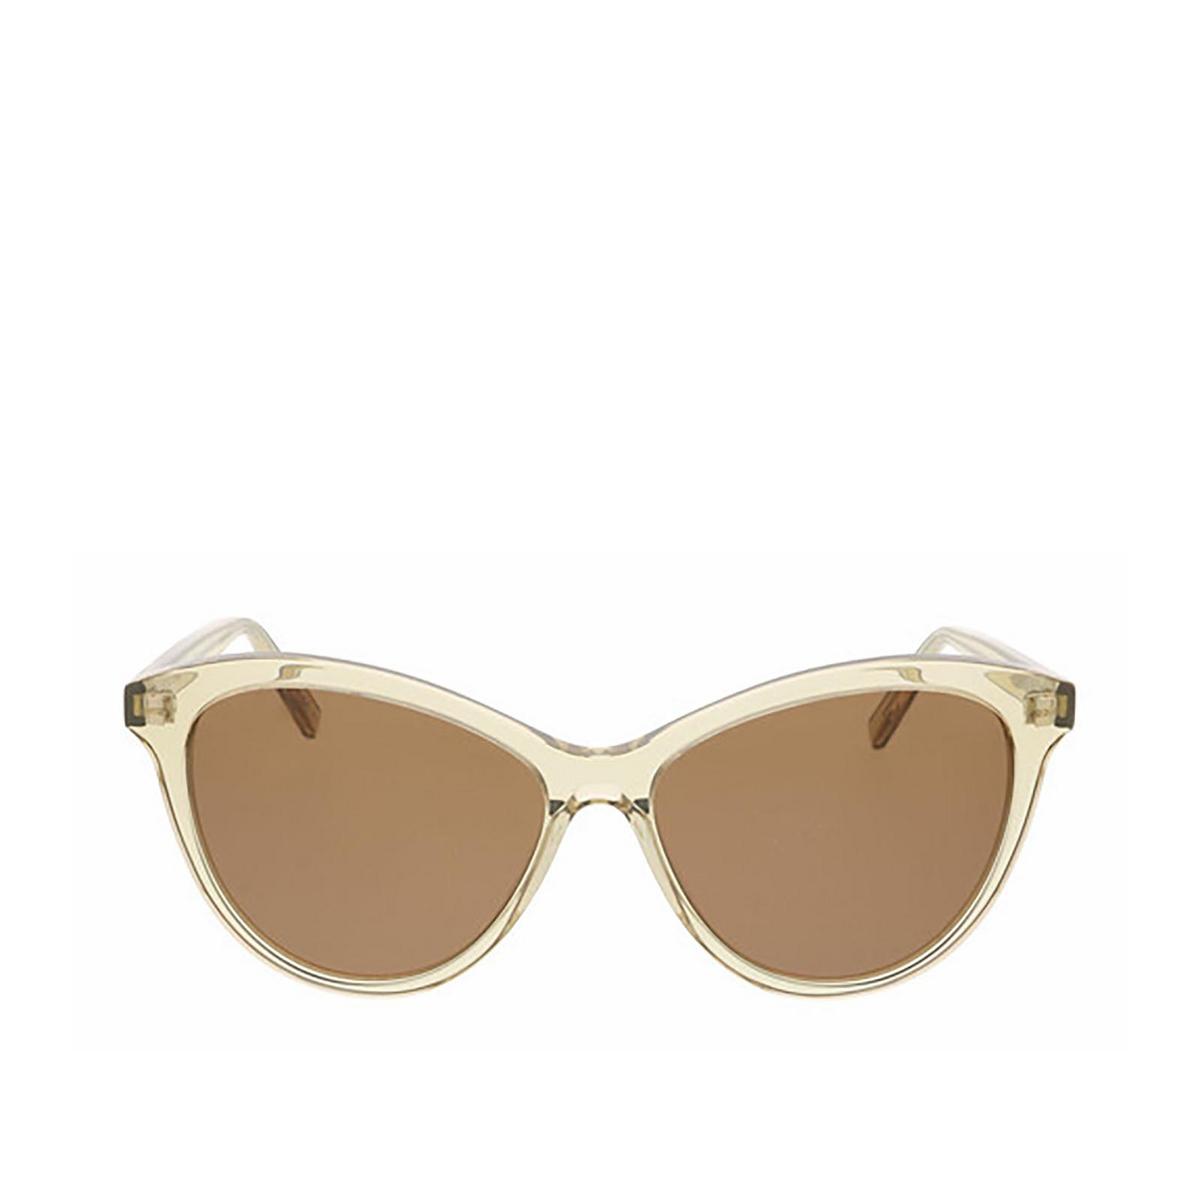 Saint Laurent® Cat-eye Sunglasses: SL 456 color Transparent Yellow 004 - front view.